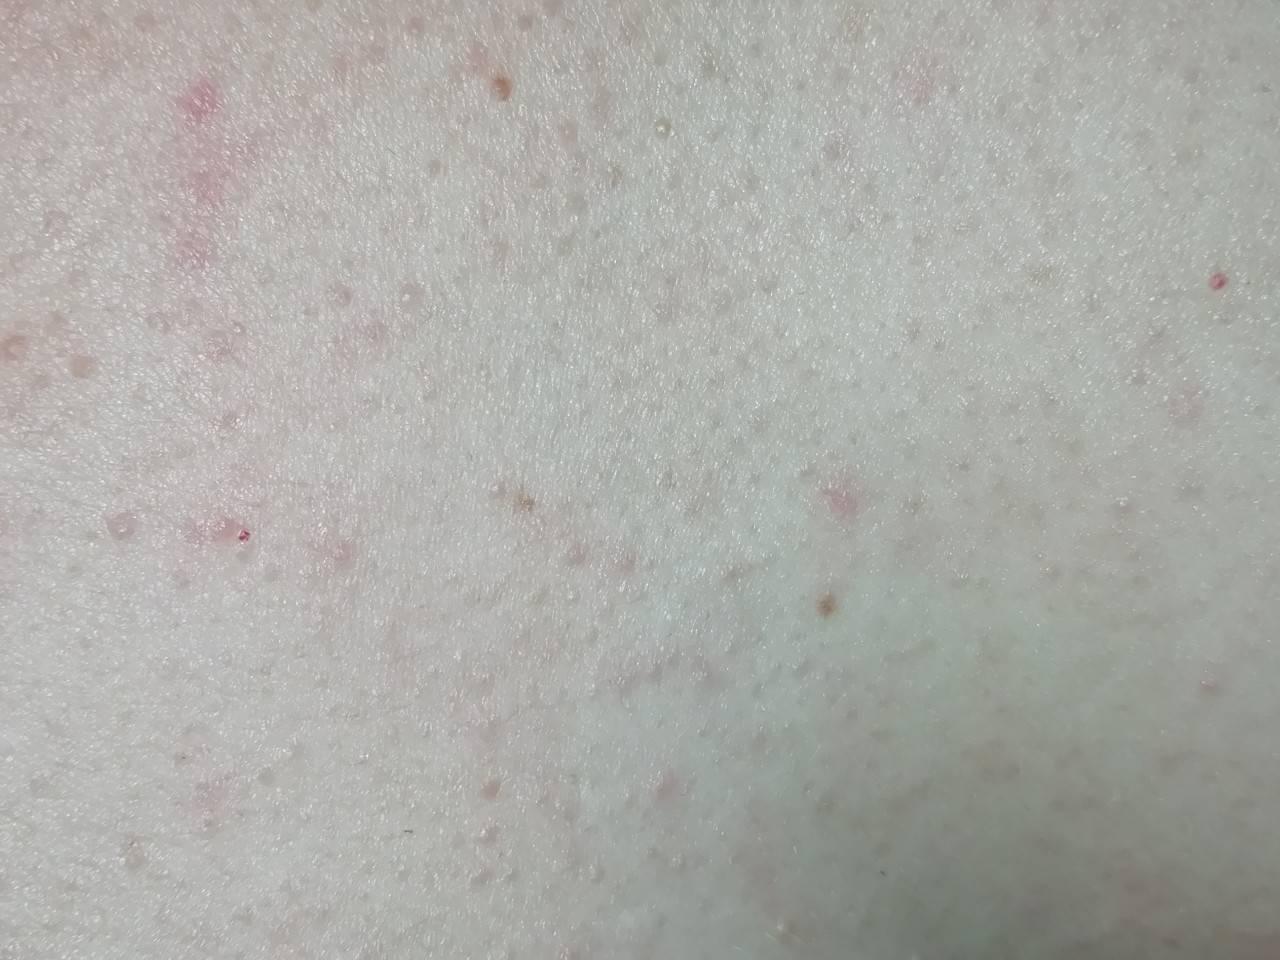 Высыпания на коже при болезнях печени, какие они?